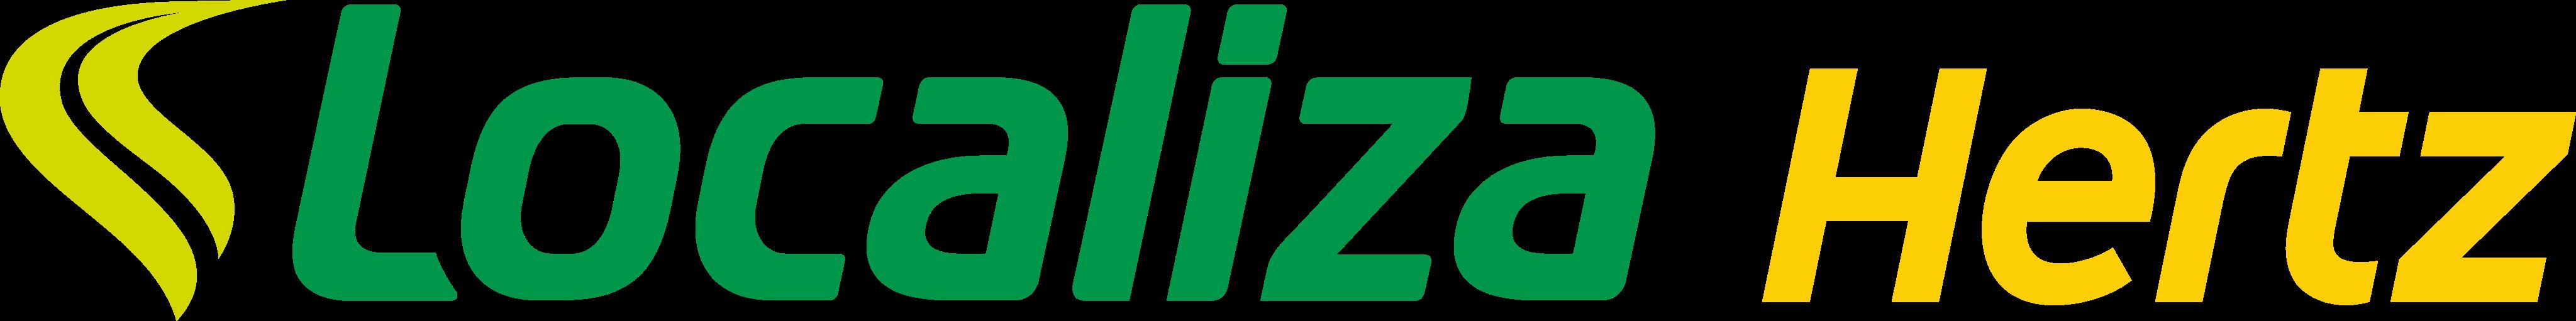 localiza hertz logo 1 - Localiza Hertz Logo